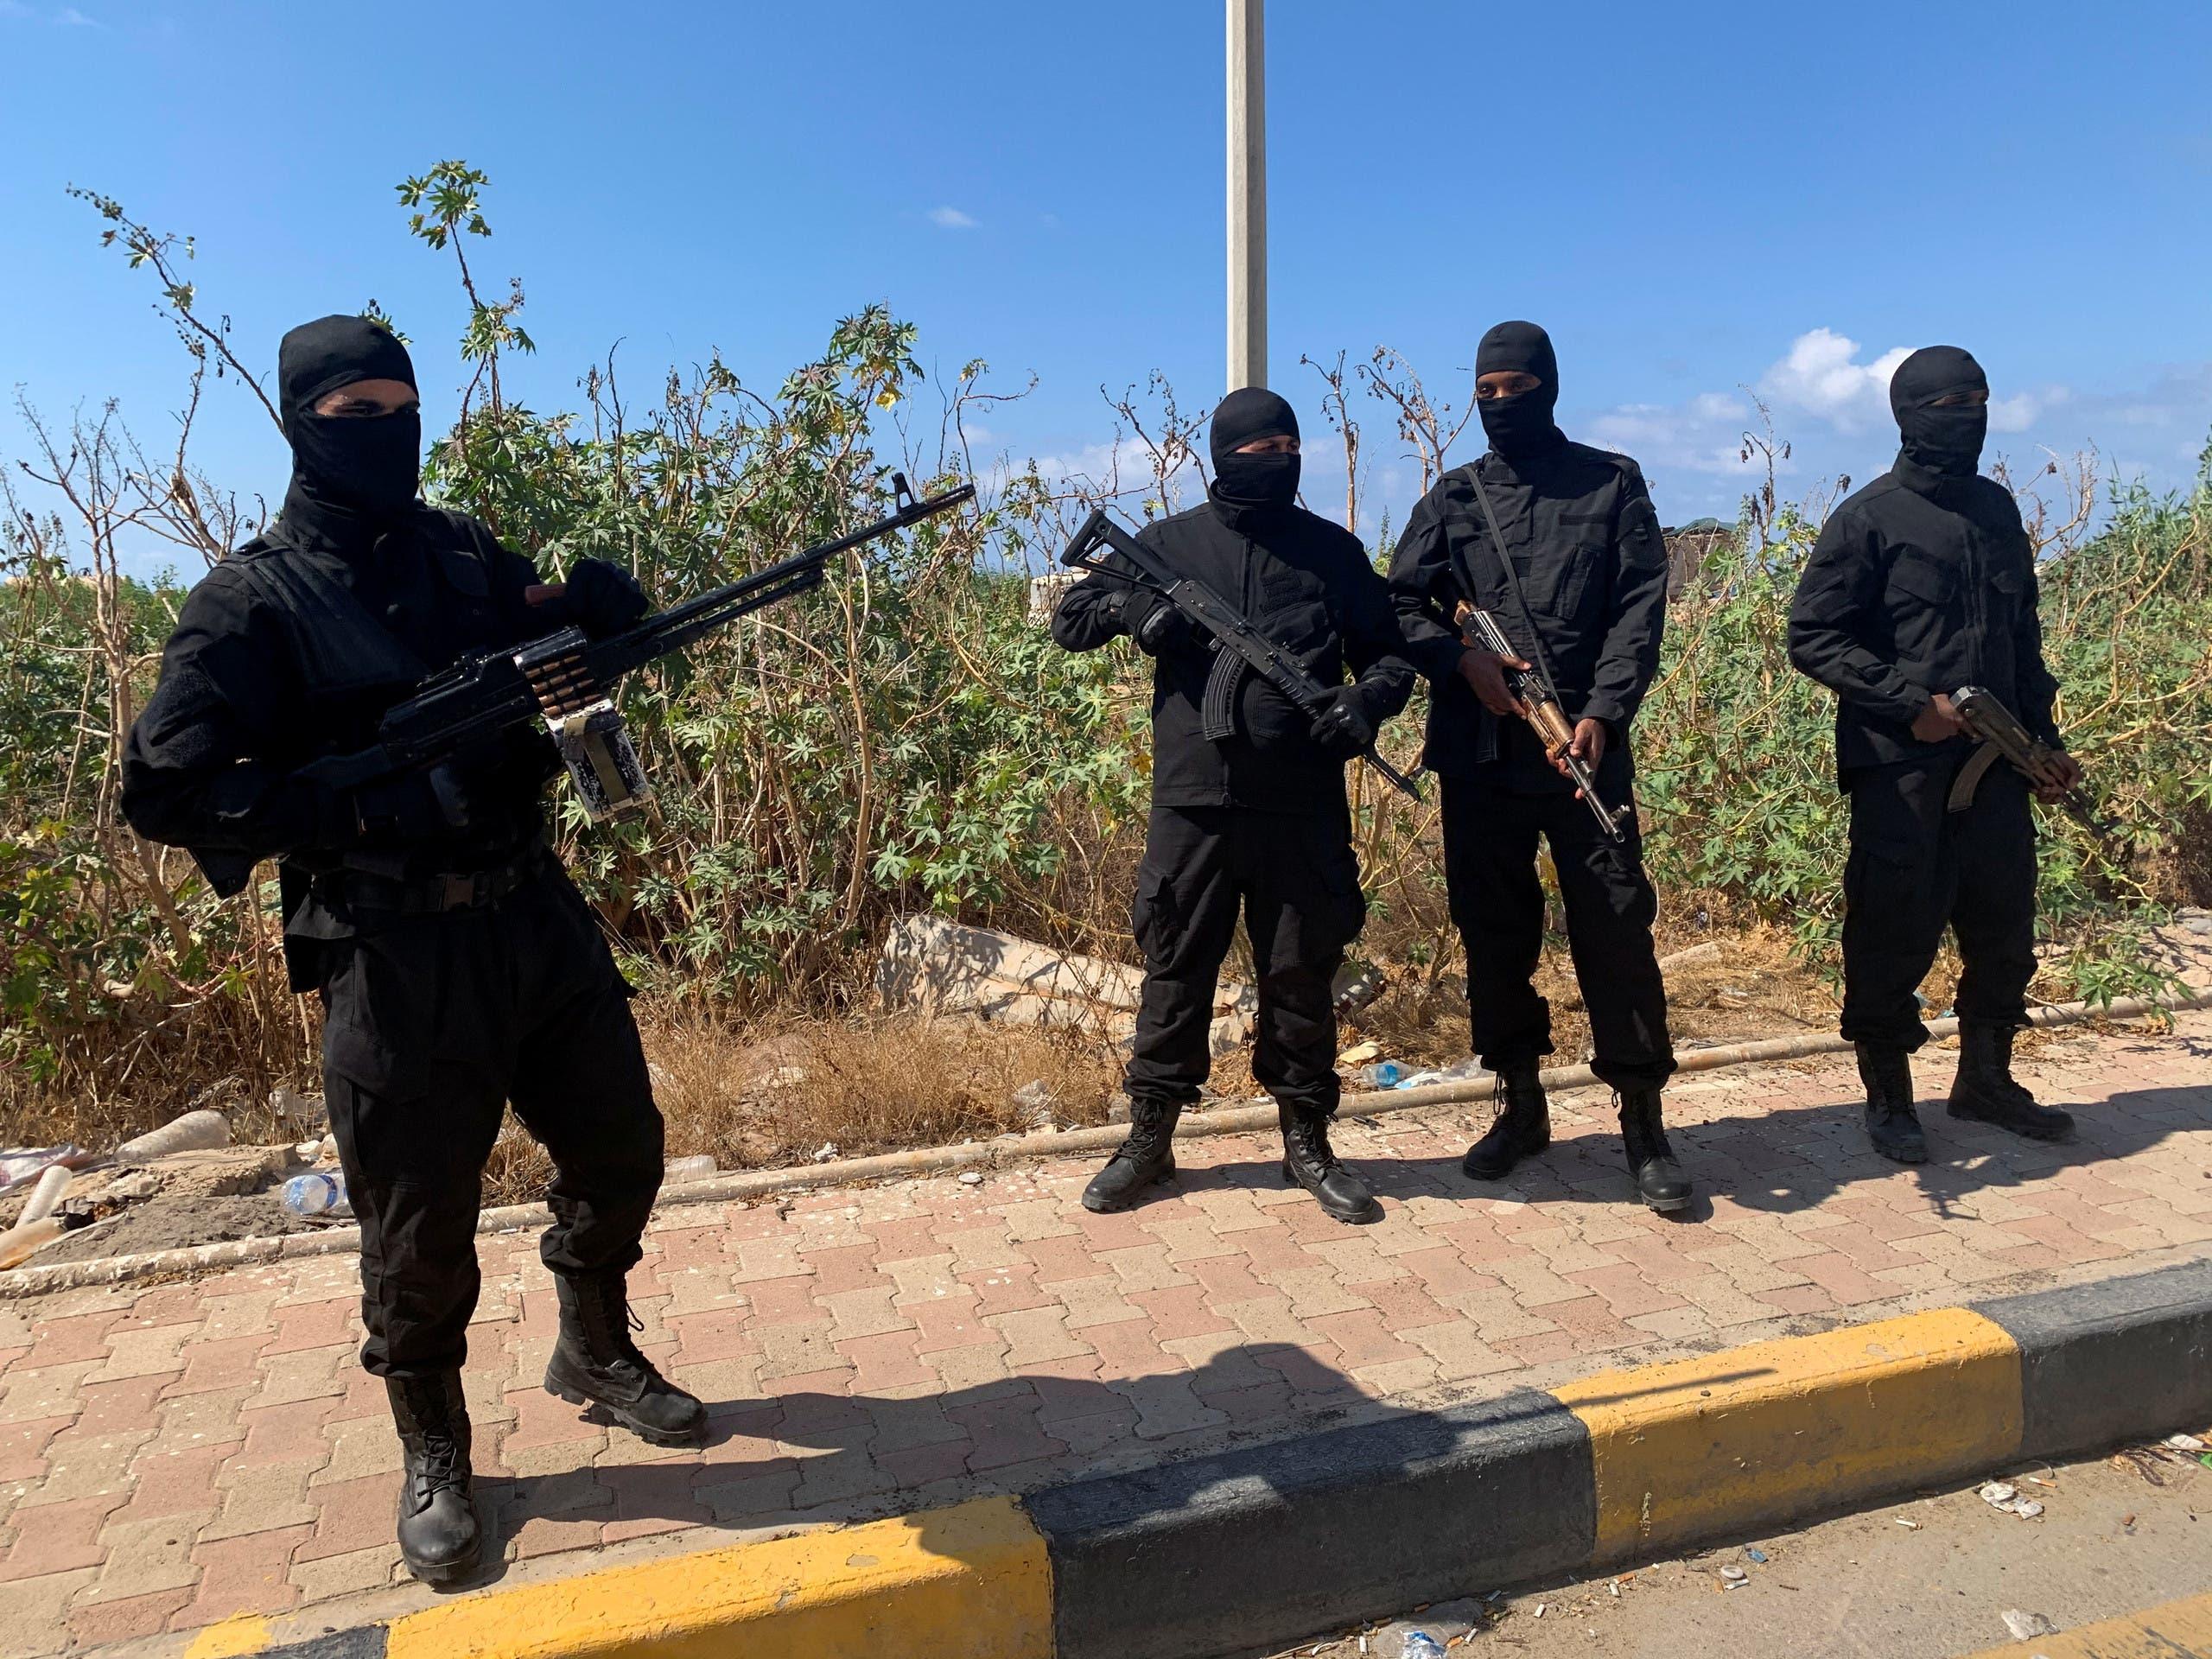 مسلحون في شوارع طرابلس الليبية(أرشيفية- رويترز)